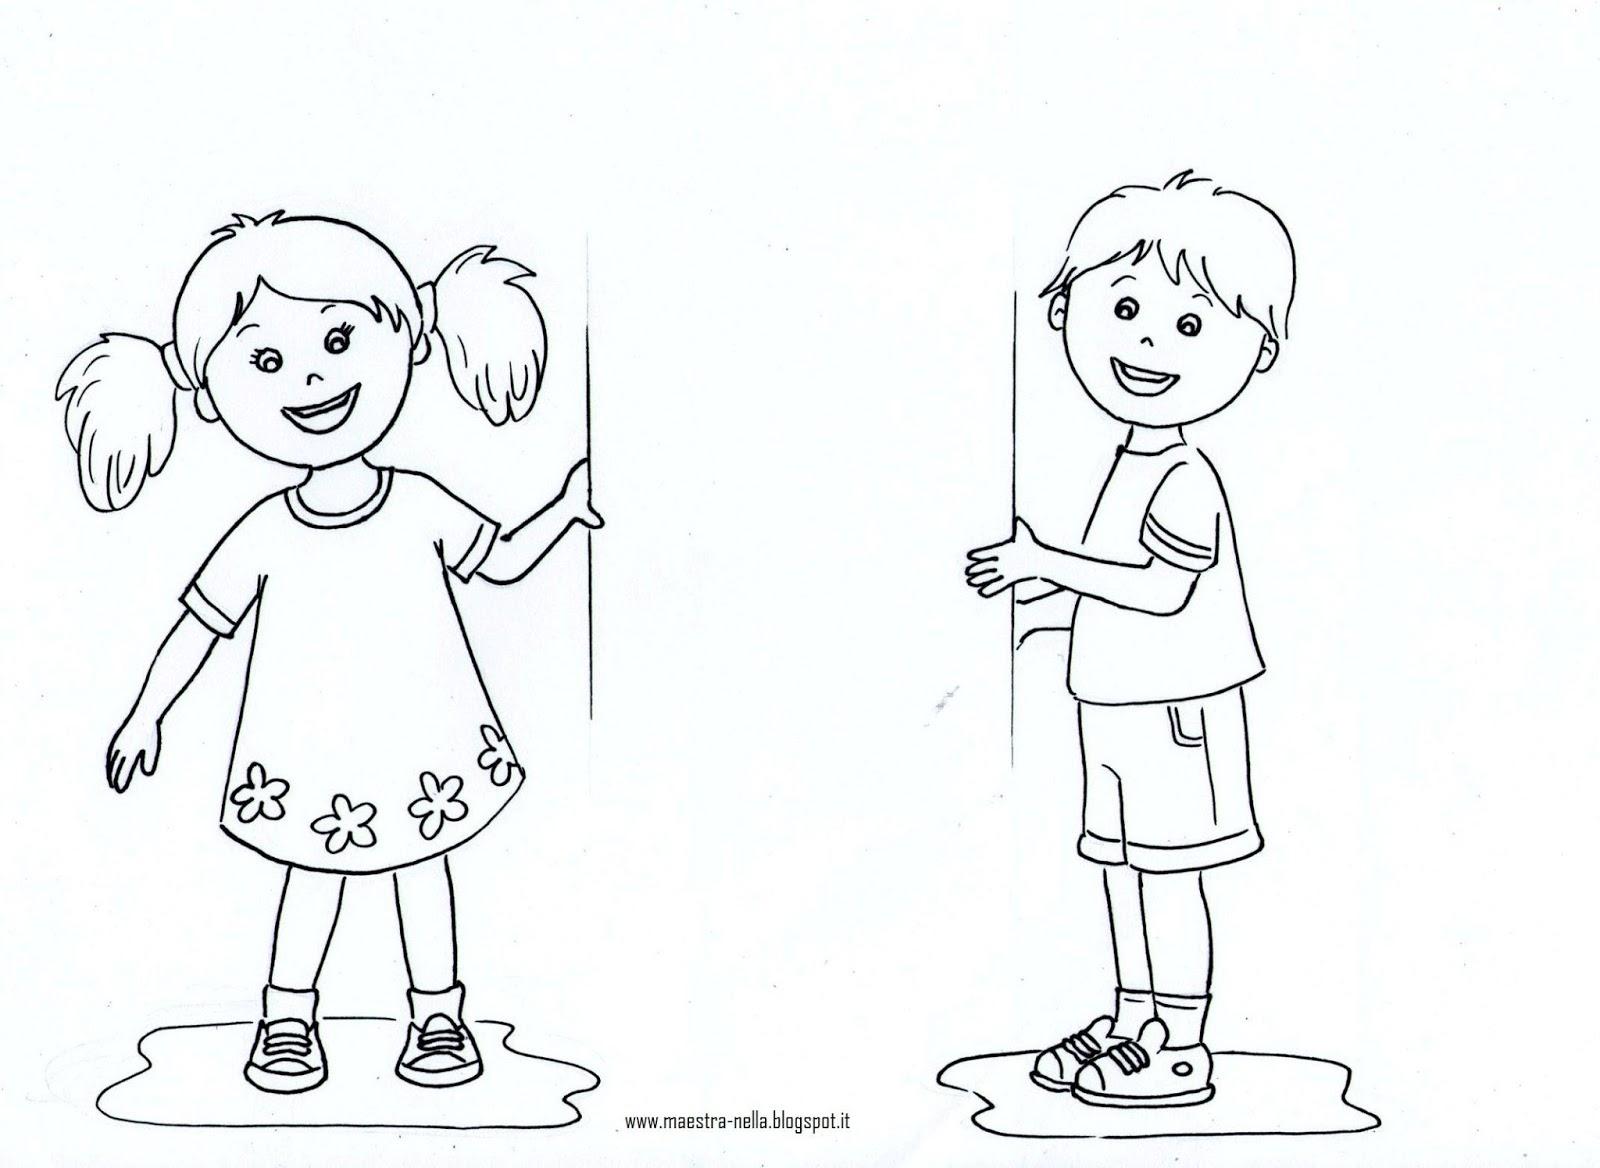 Maestra nella il cartellone degli avvisi - Immagini di cicogne che portano bambini ...